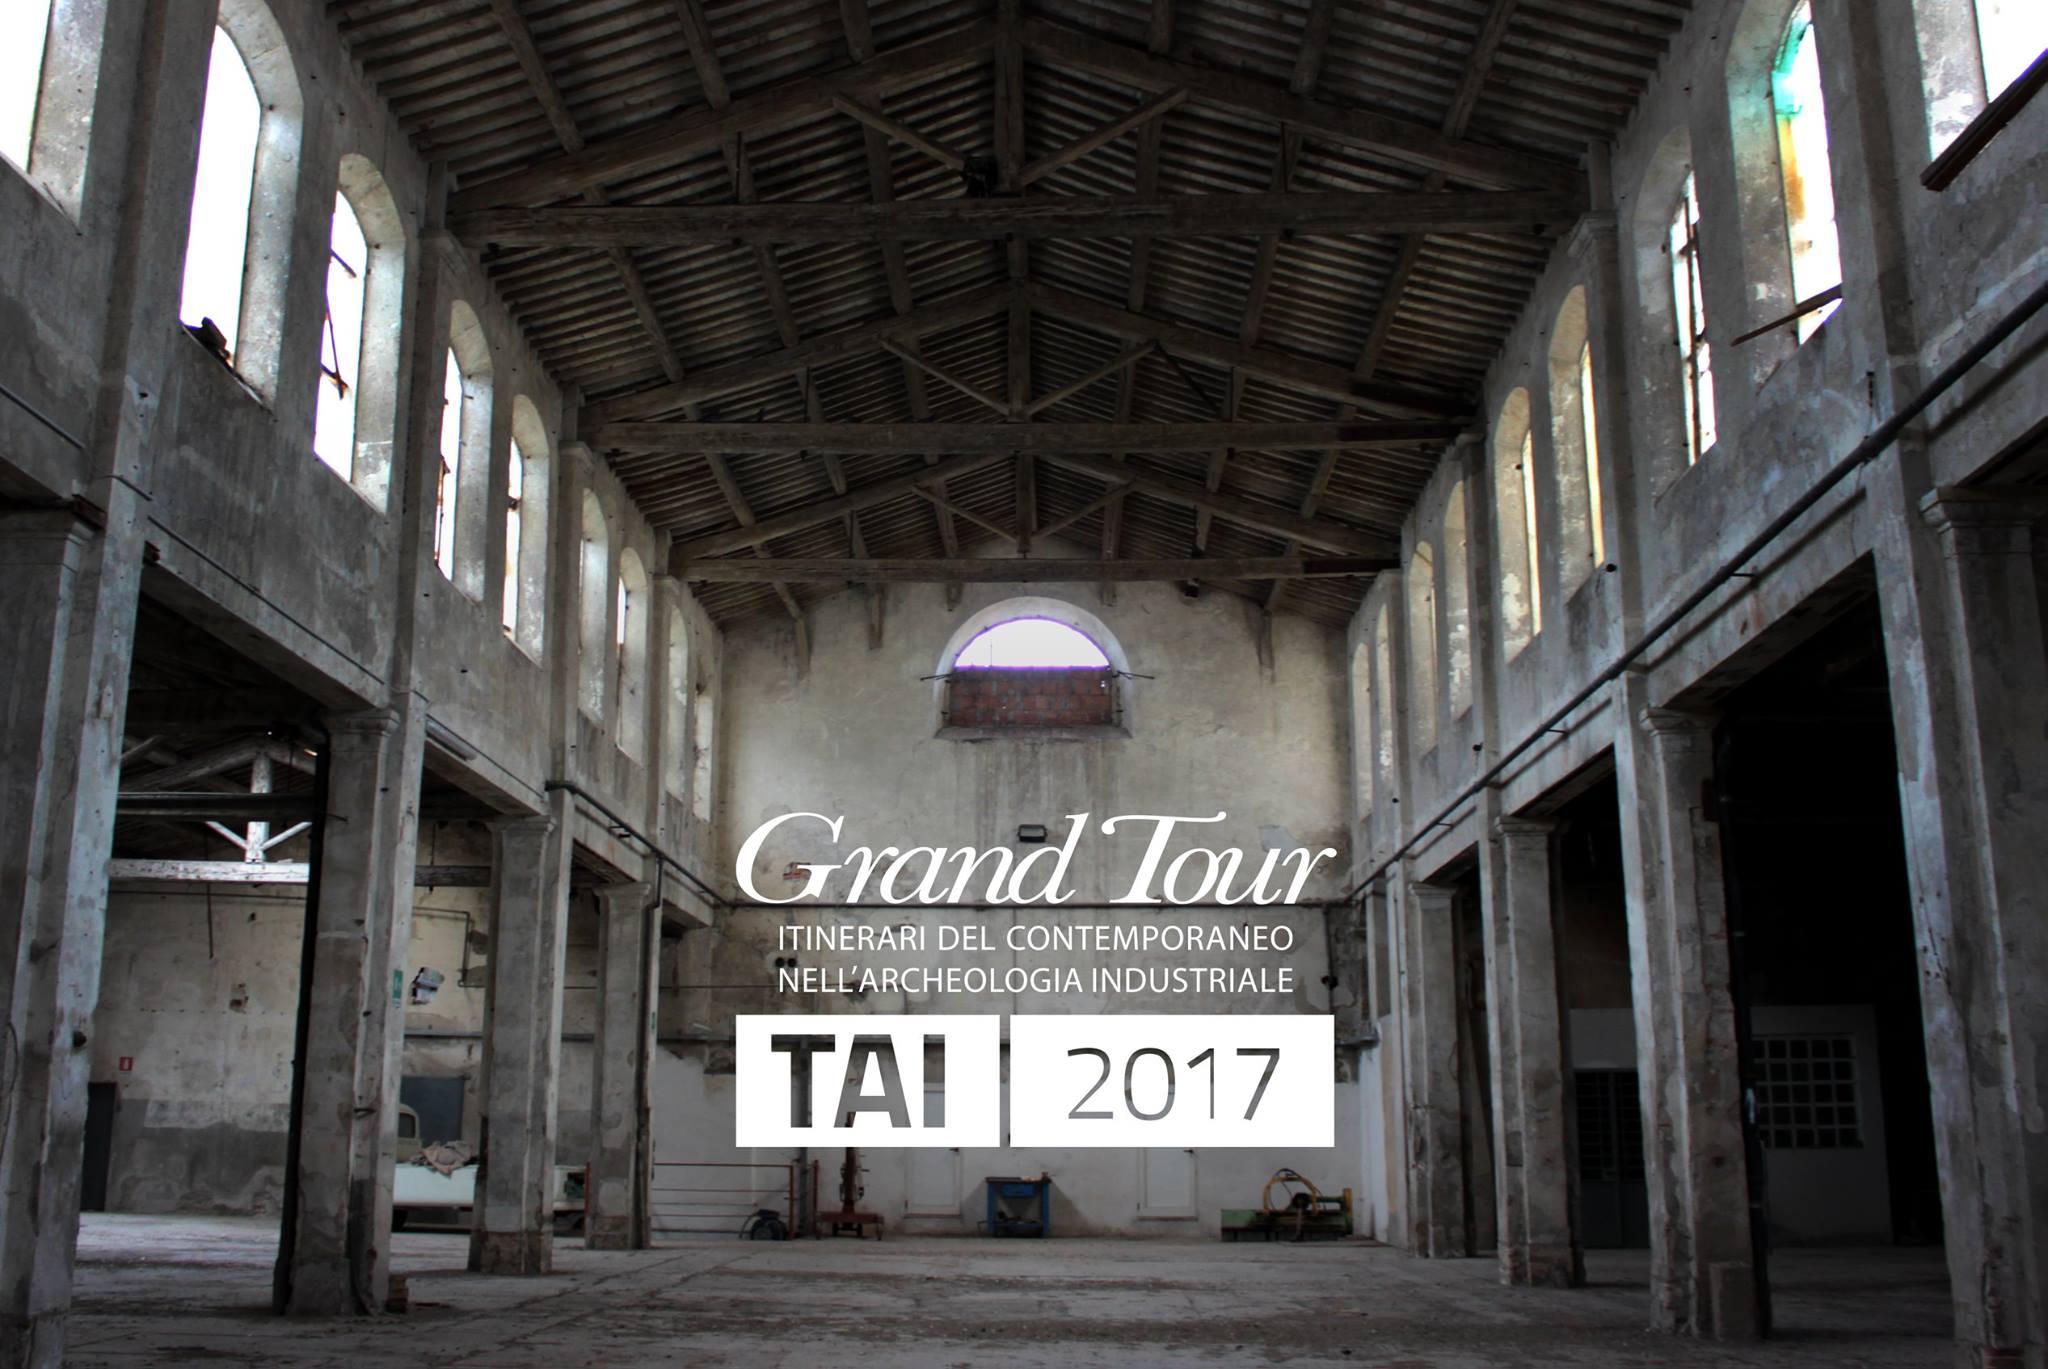 TAI 2017 - 01